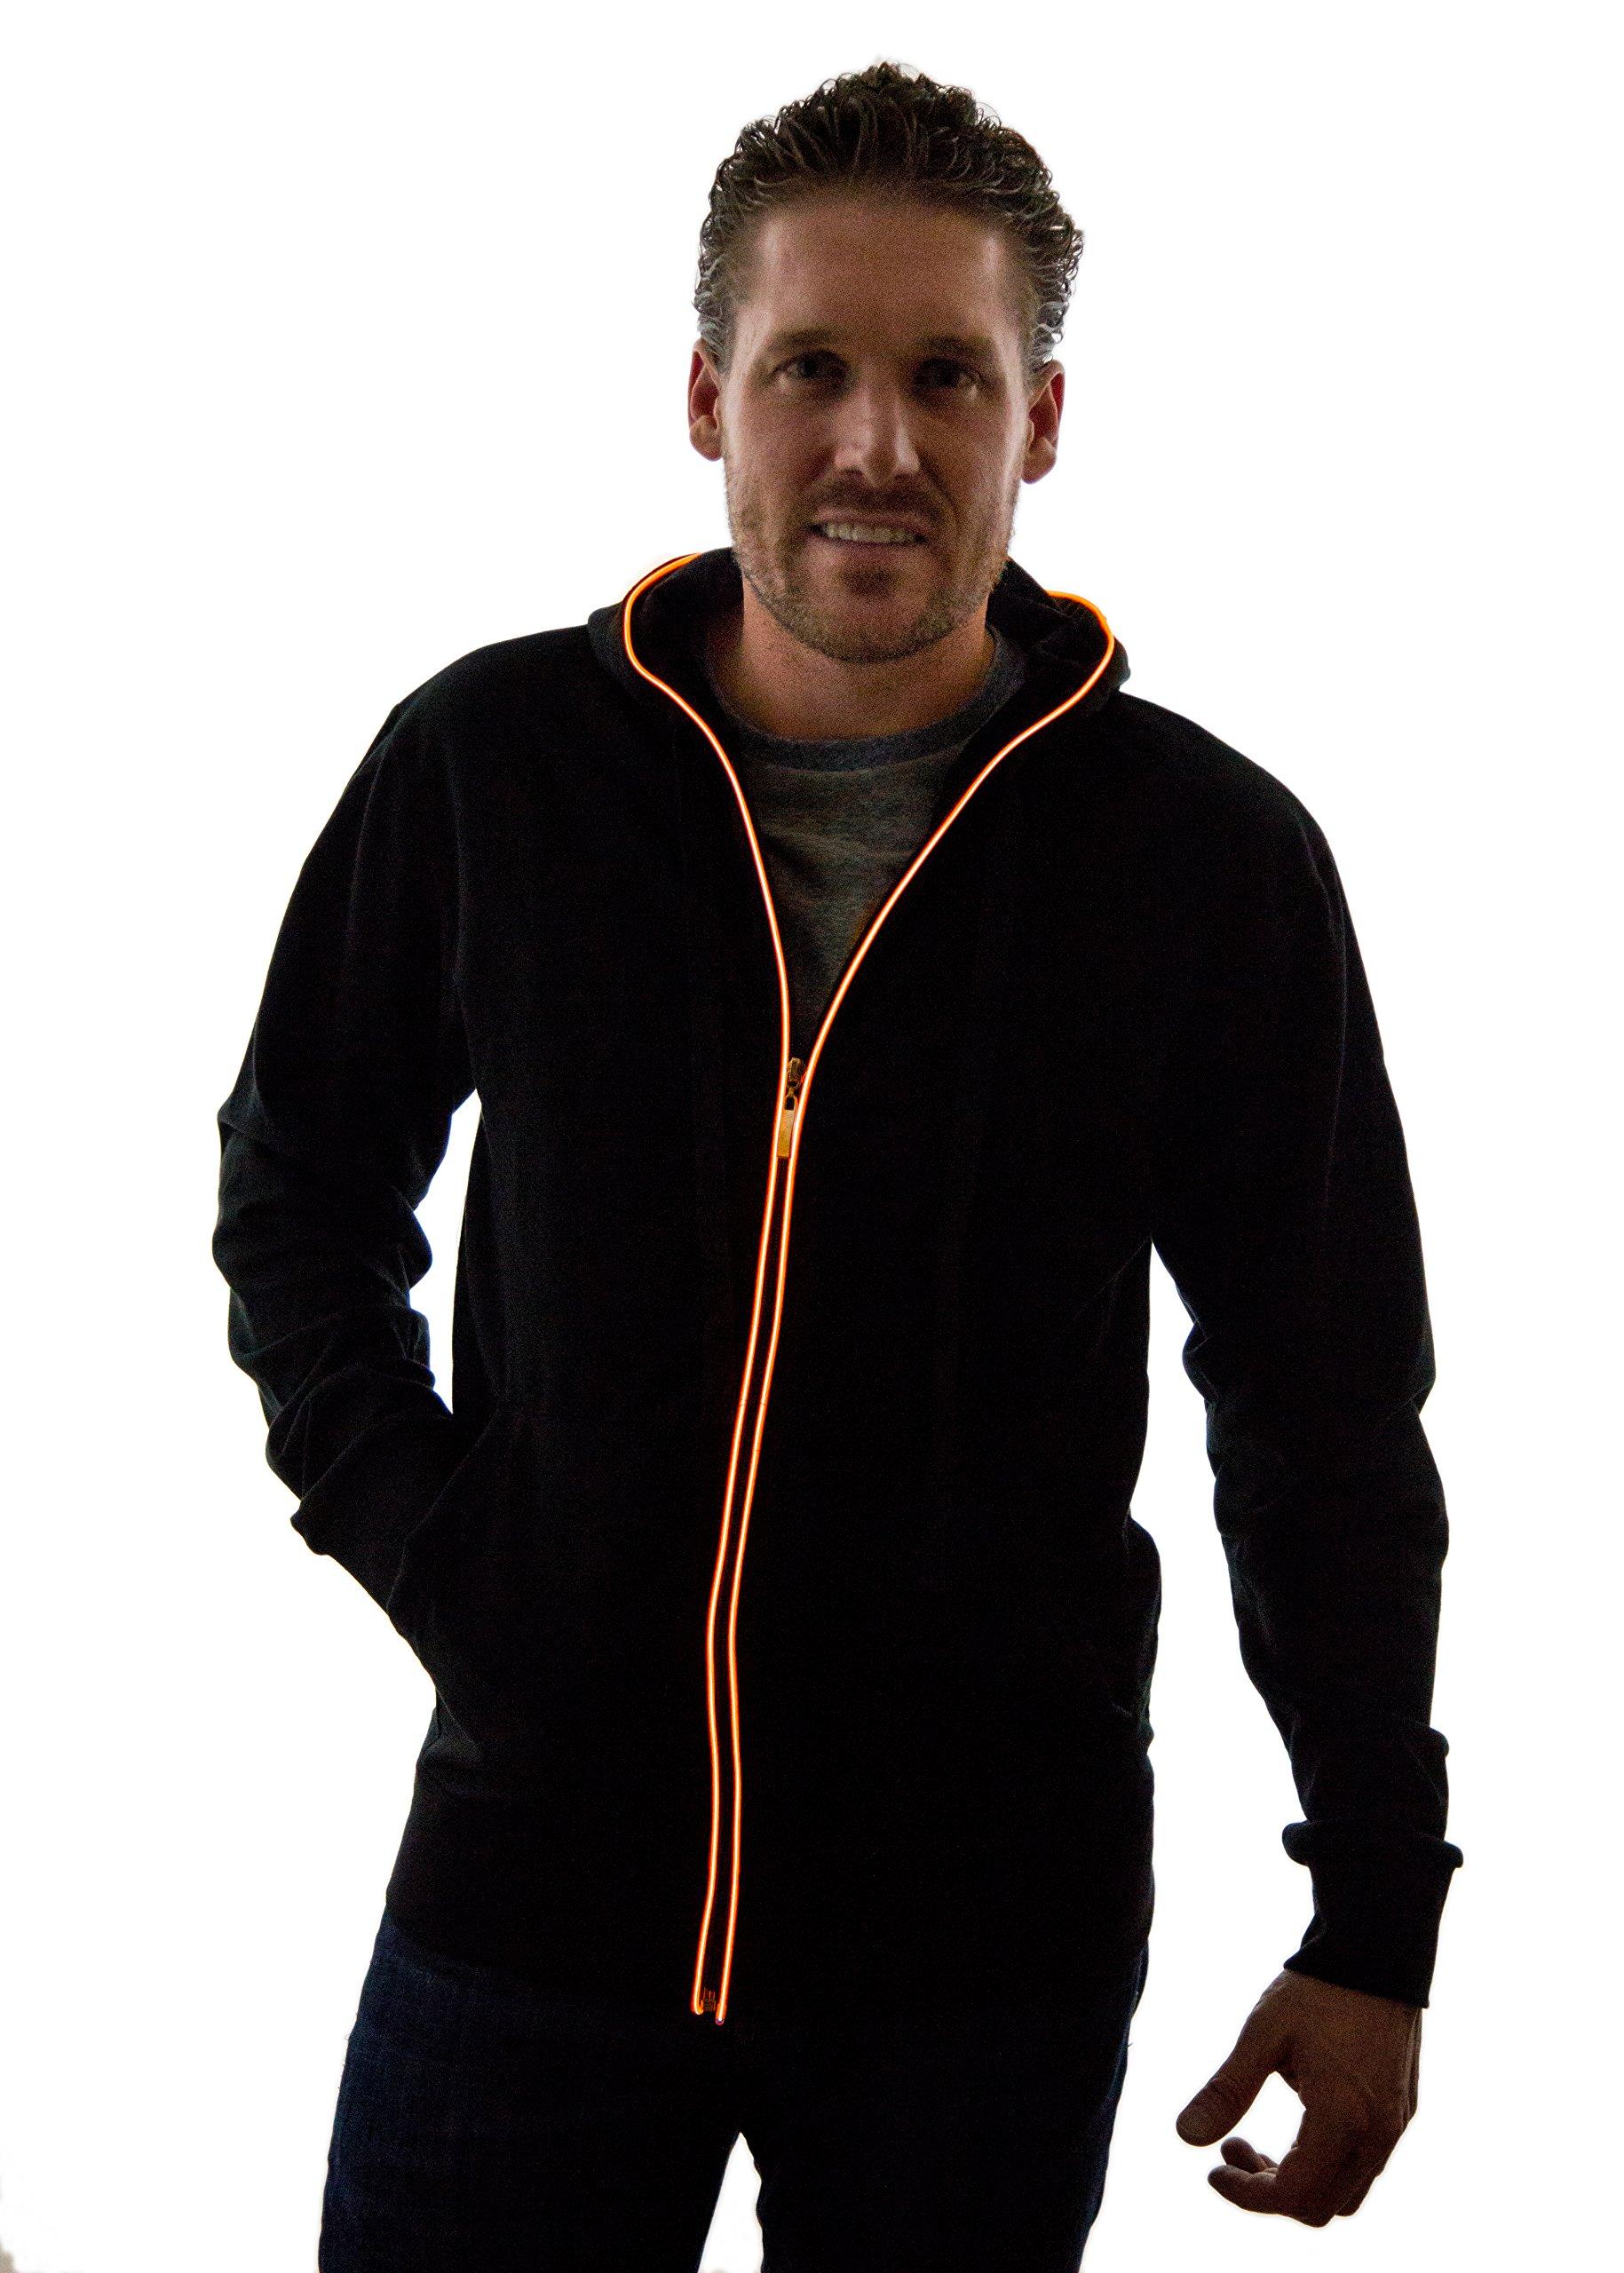 Neon Nightlife Light Up Hoodie Jacket Sweatshirt, Large, Orange by Neon Nightlife